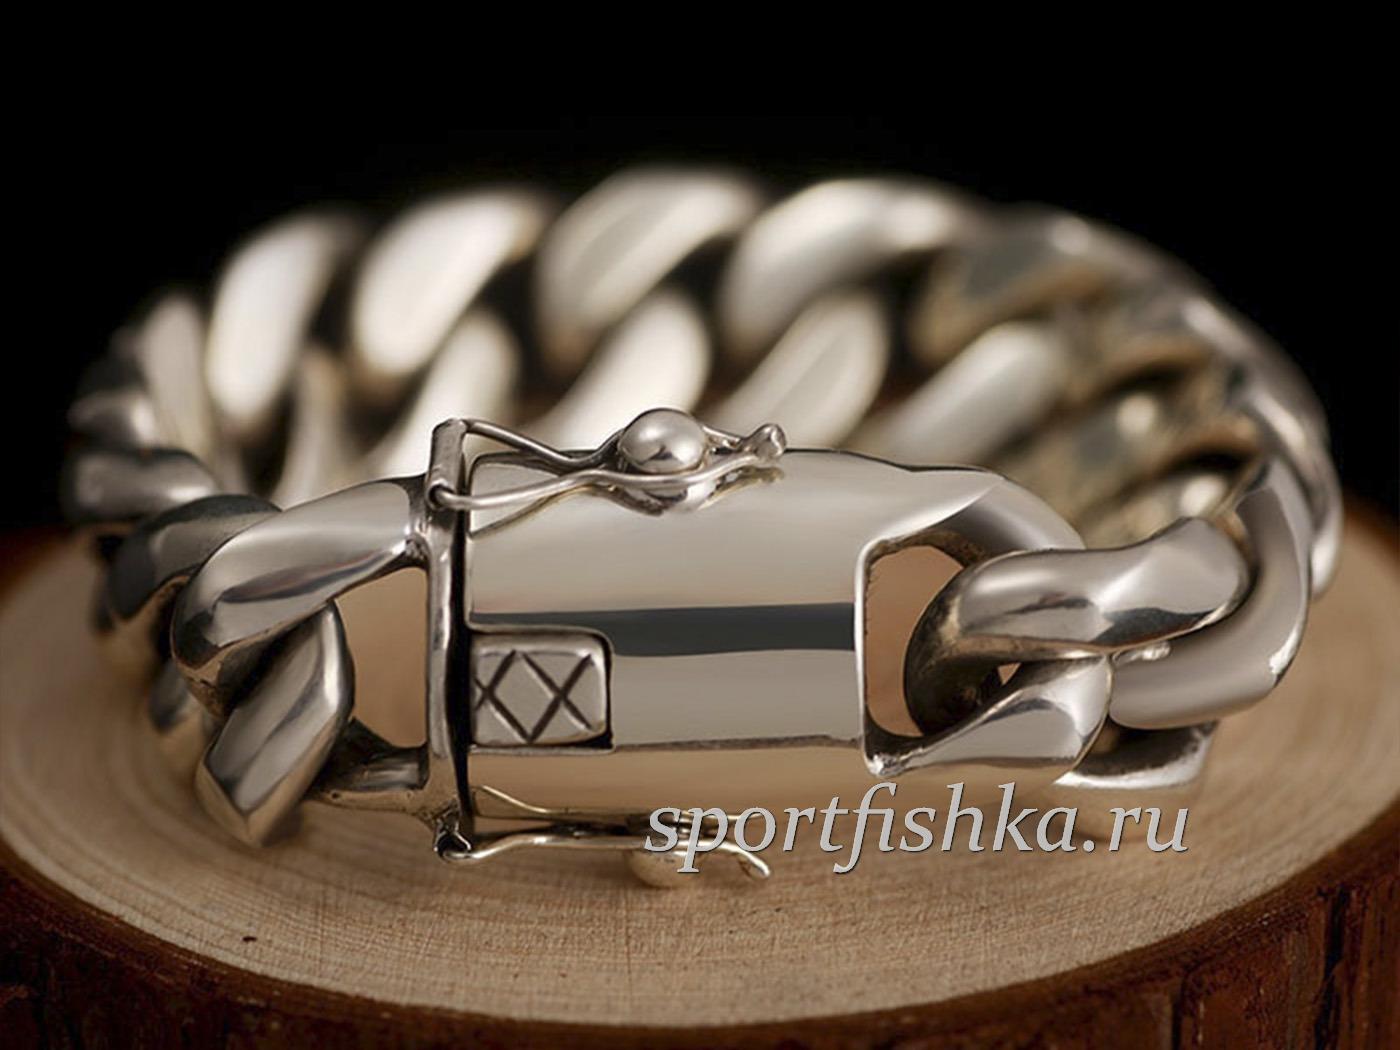 Подарок мужчине на др, большой серебряный браслет